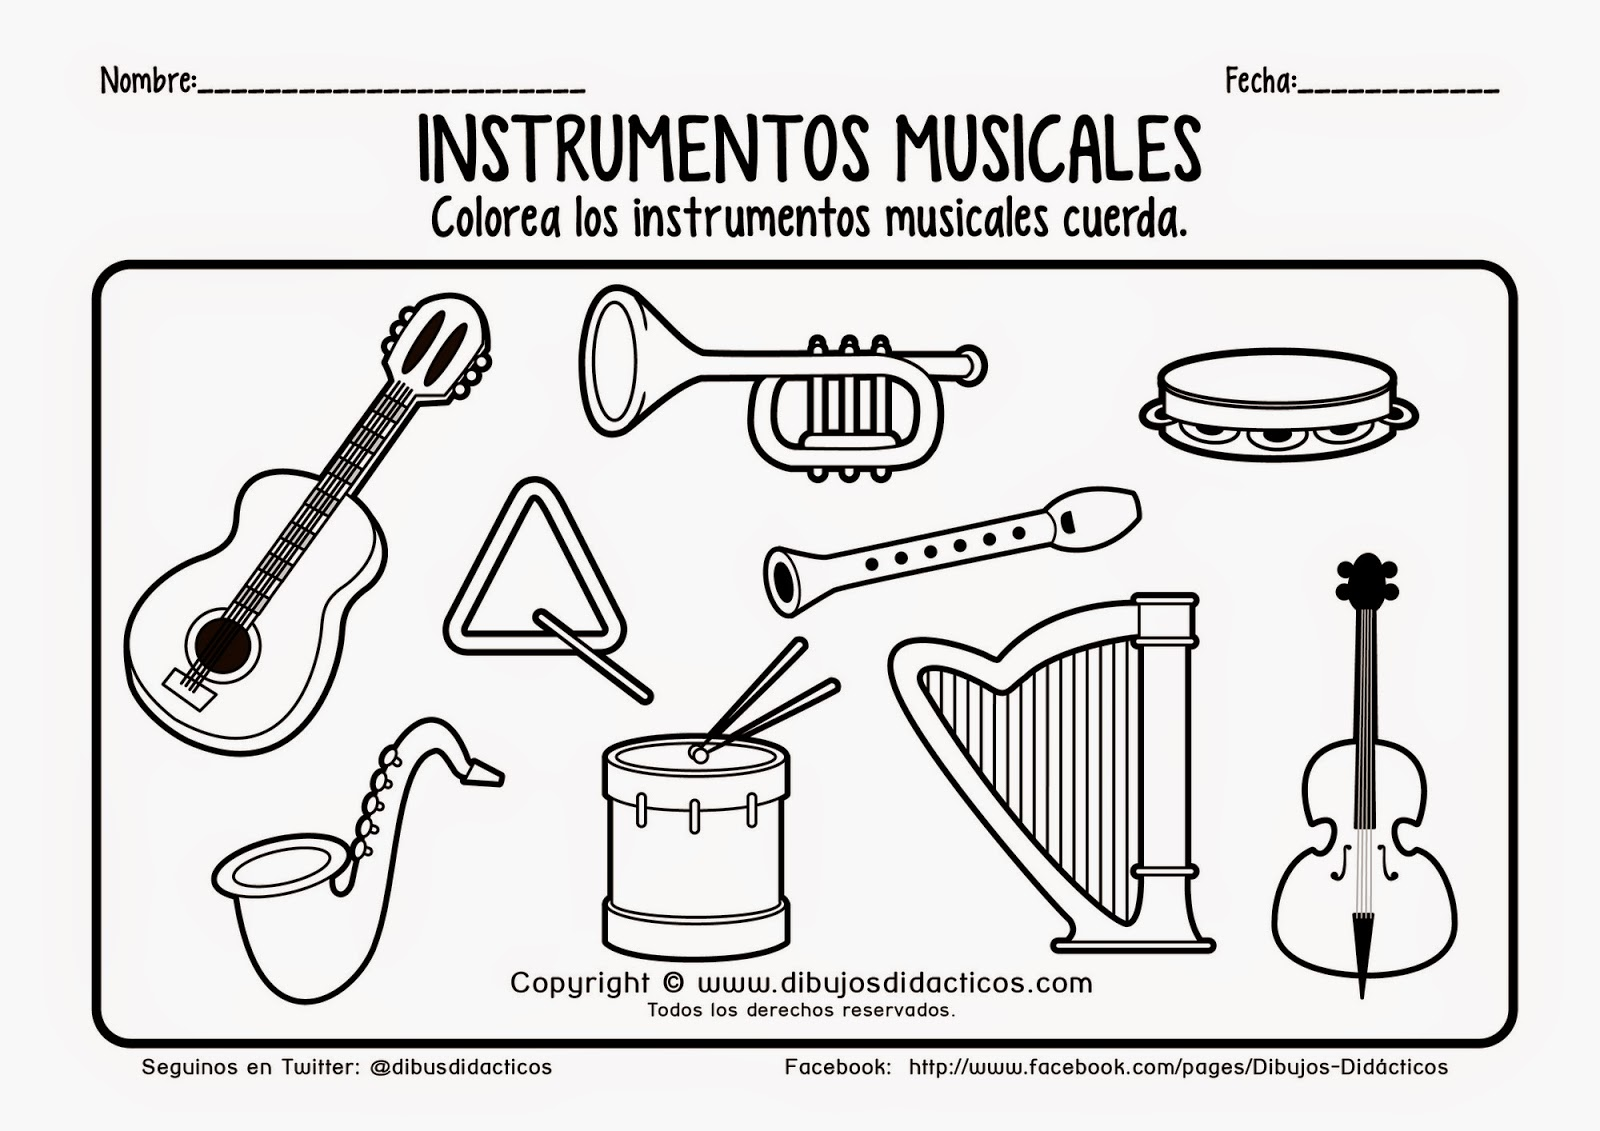 SGBlogosfera. María José Argüeso: INSTRUMENTOS MUSICALES